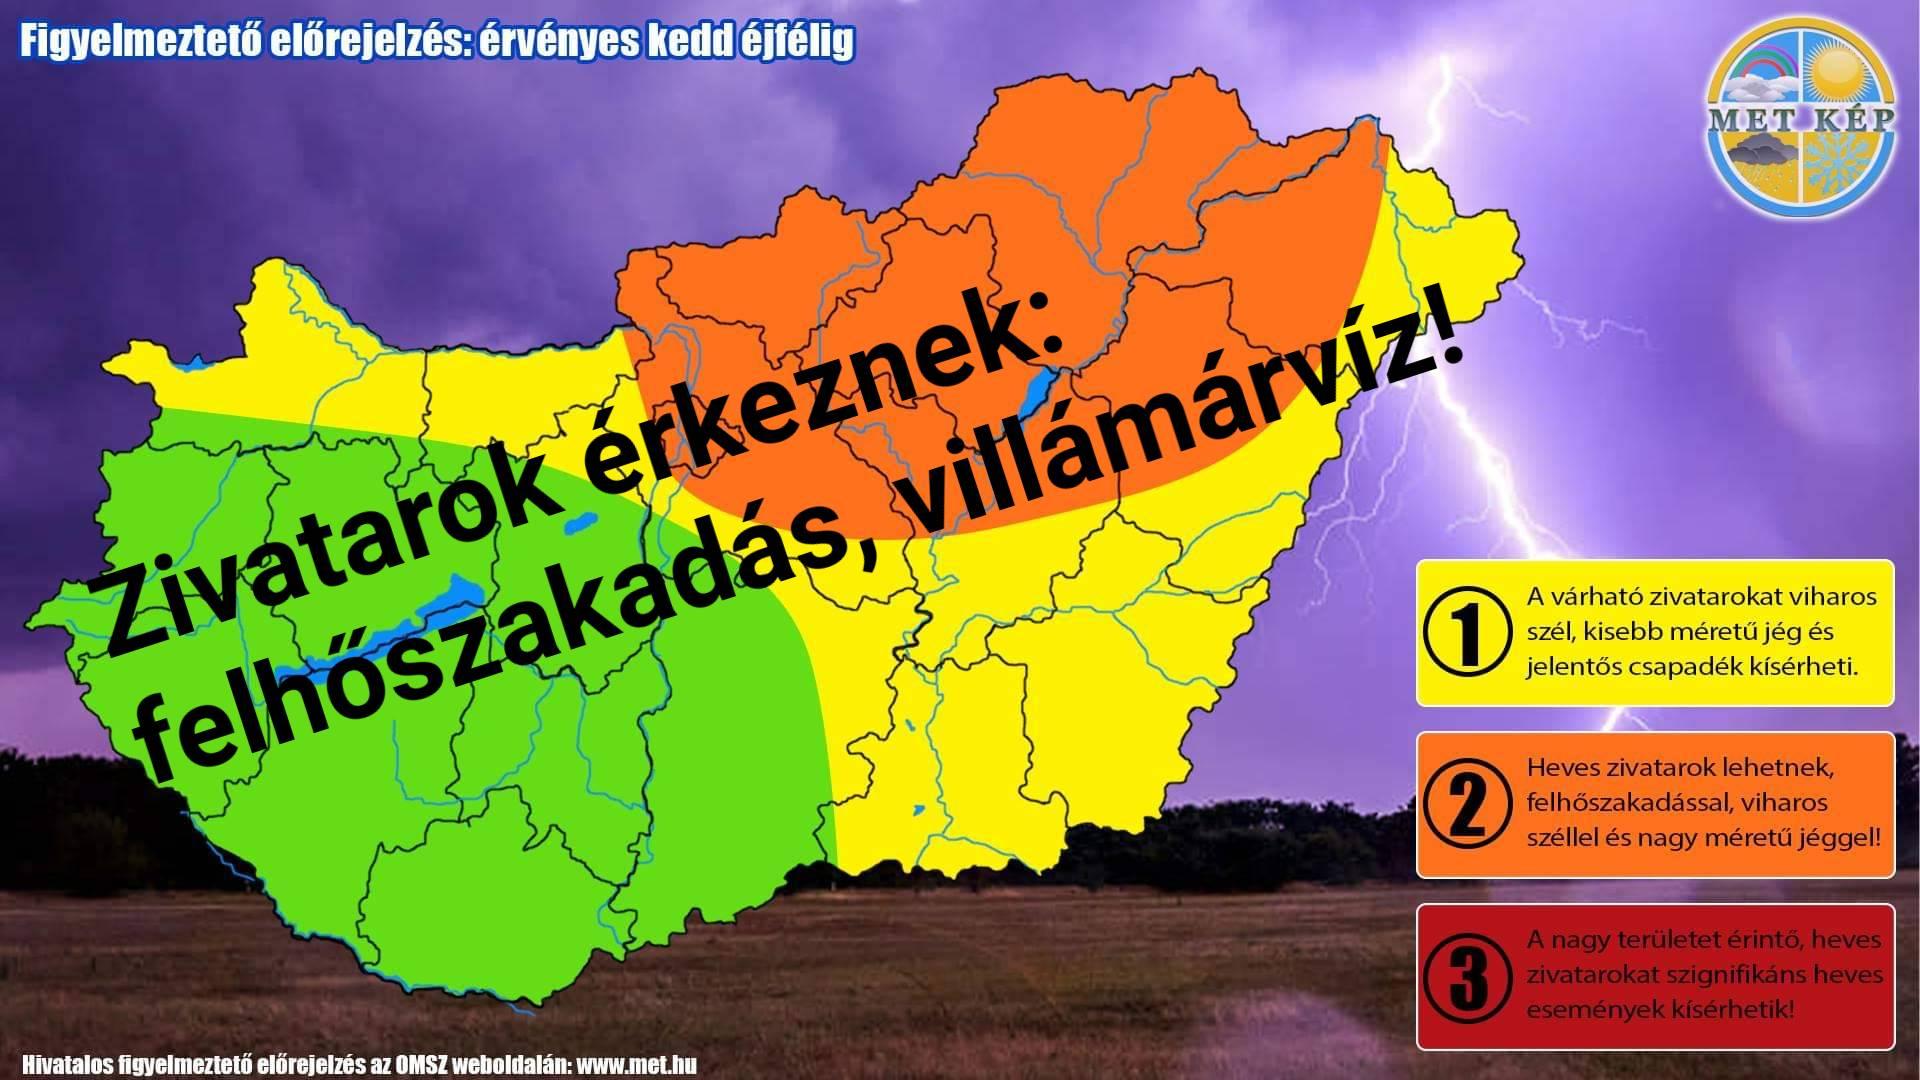 Órákon belül zivatarok: felhőszakadás, villámárvíz veszély! 2